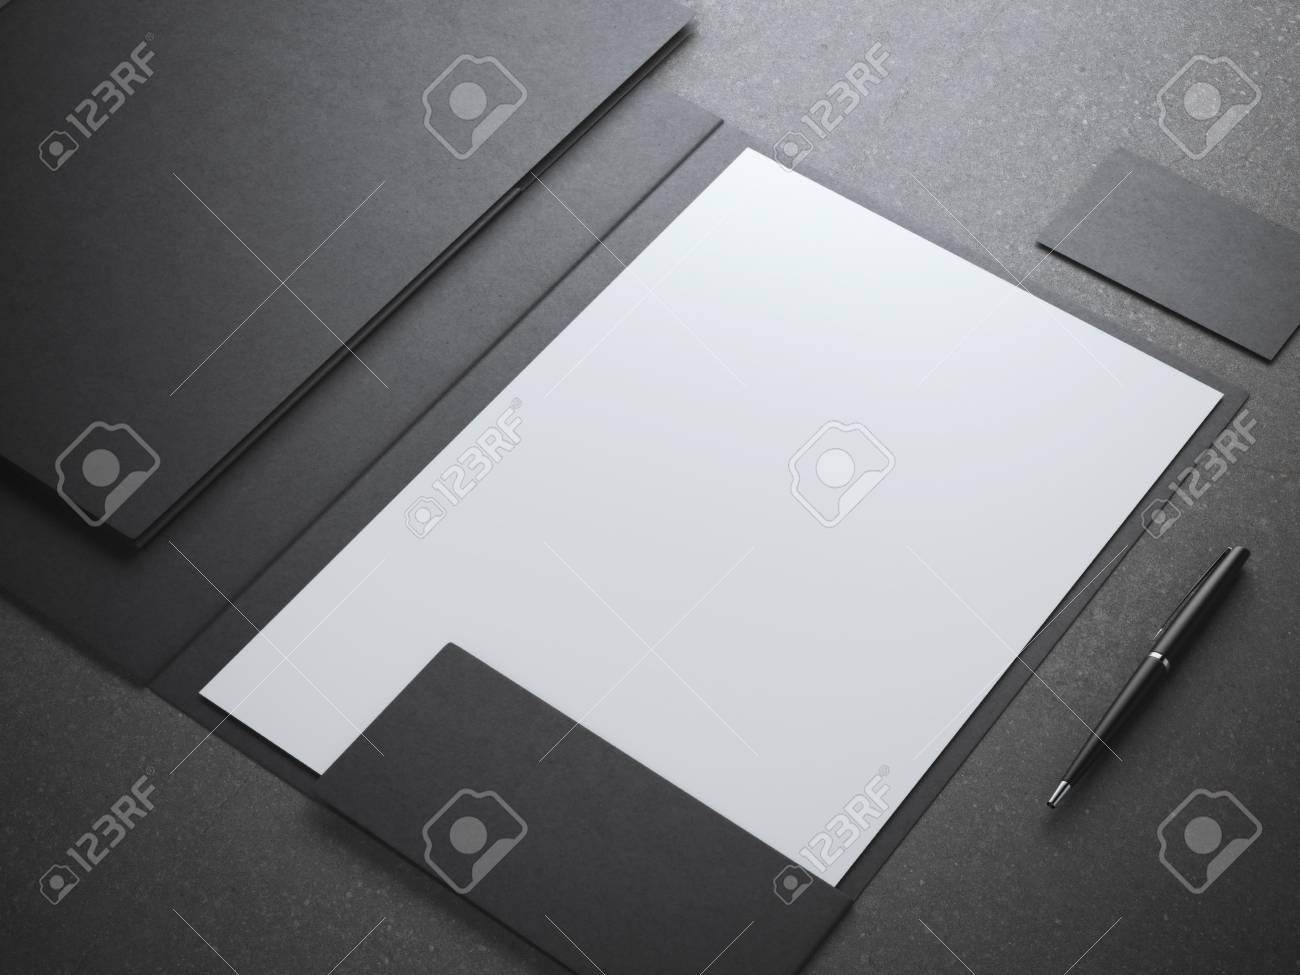 Blank white shhet in black folder. 3d rendering - 50567958